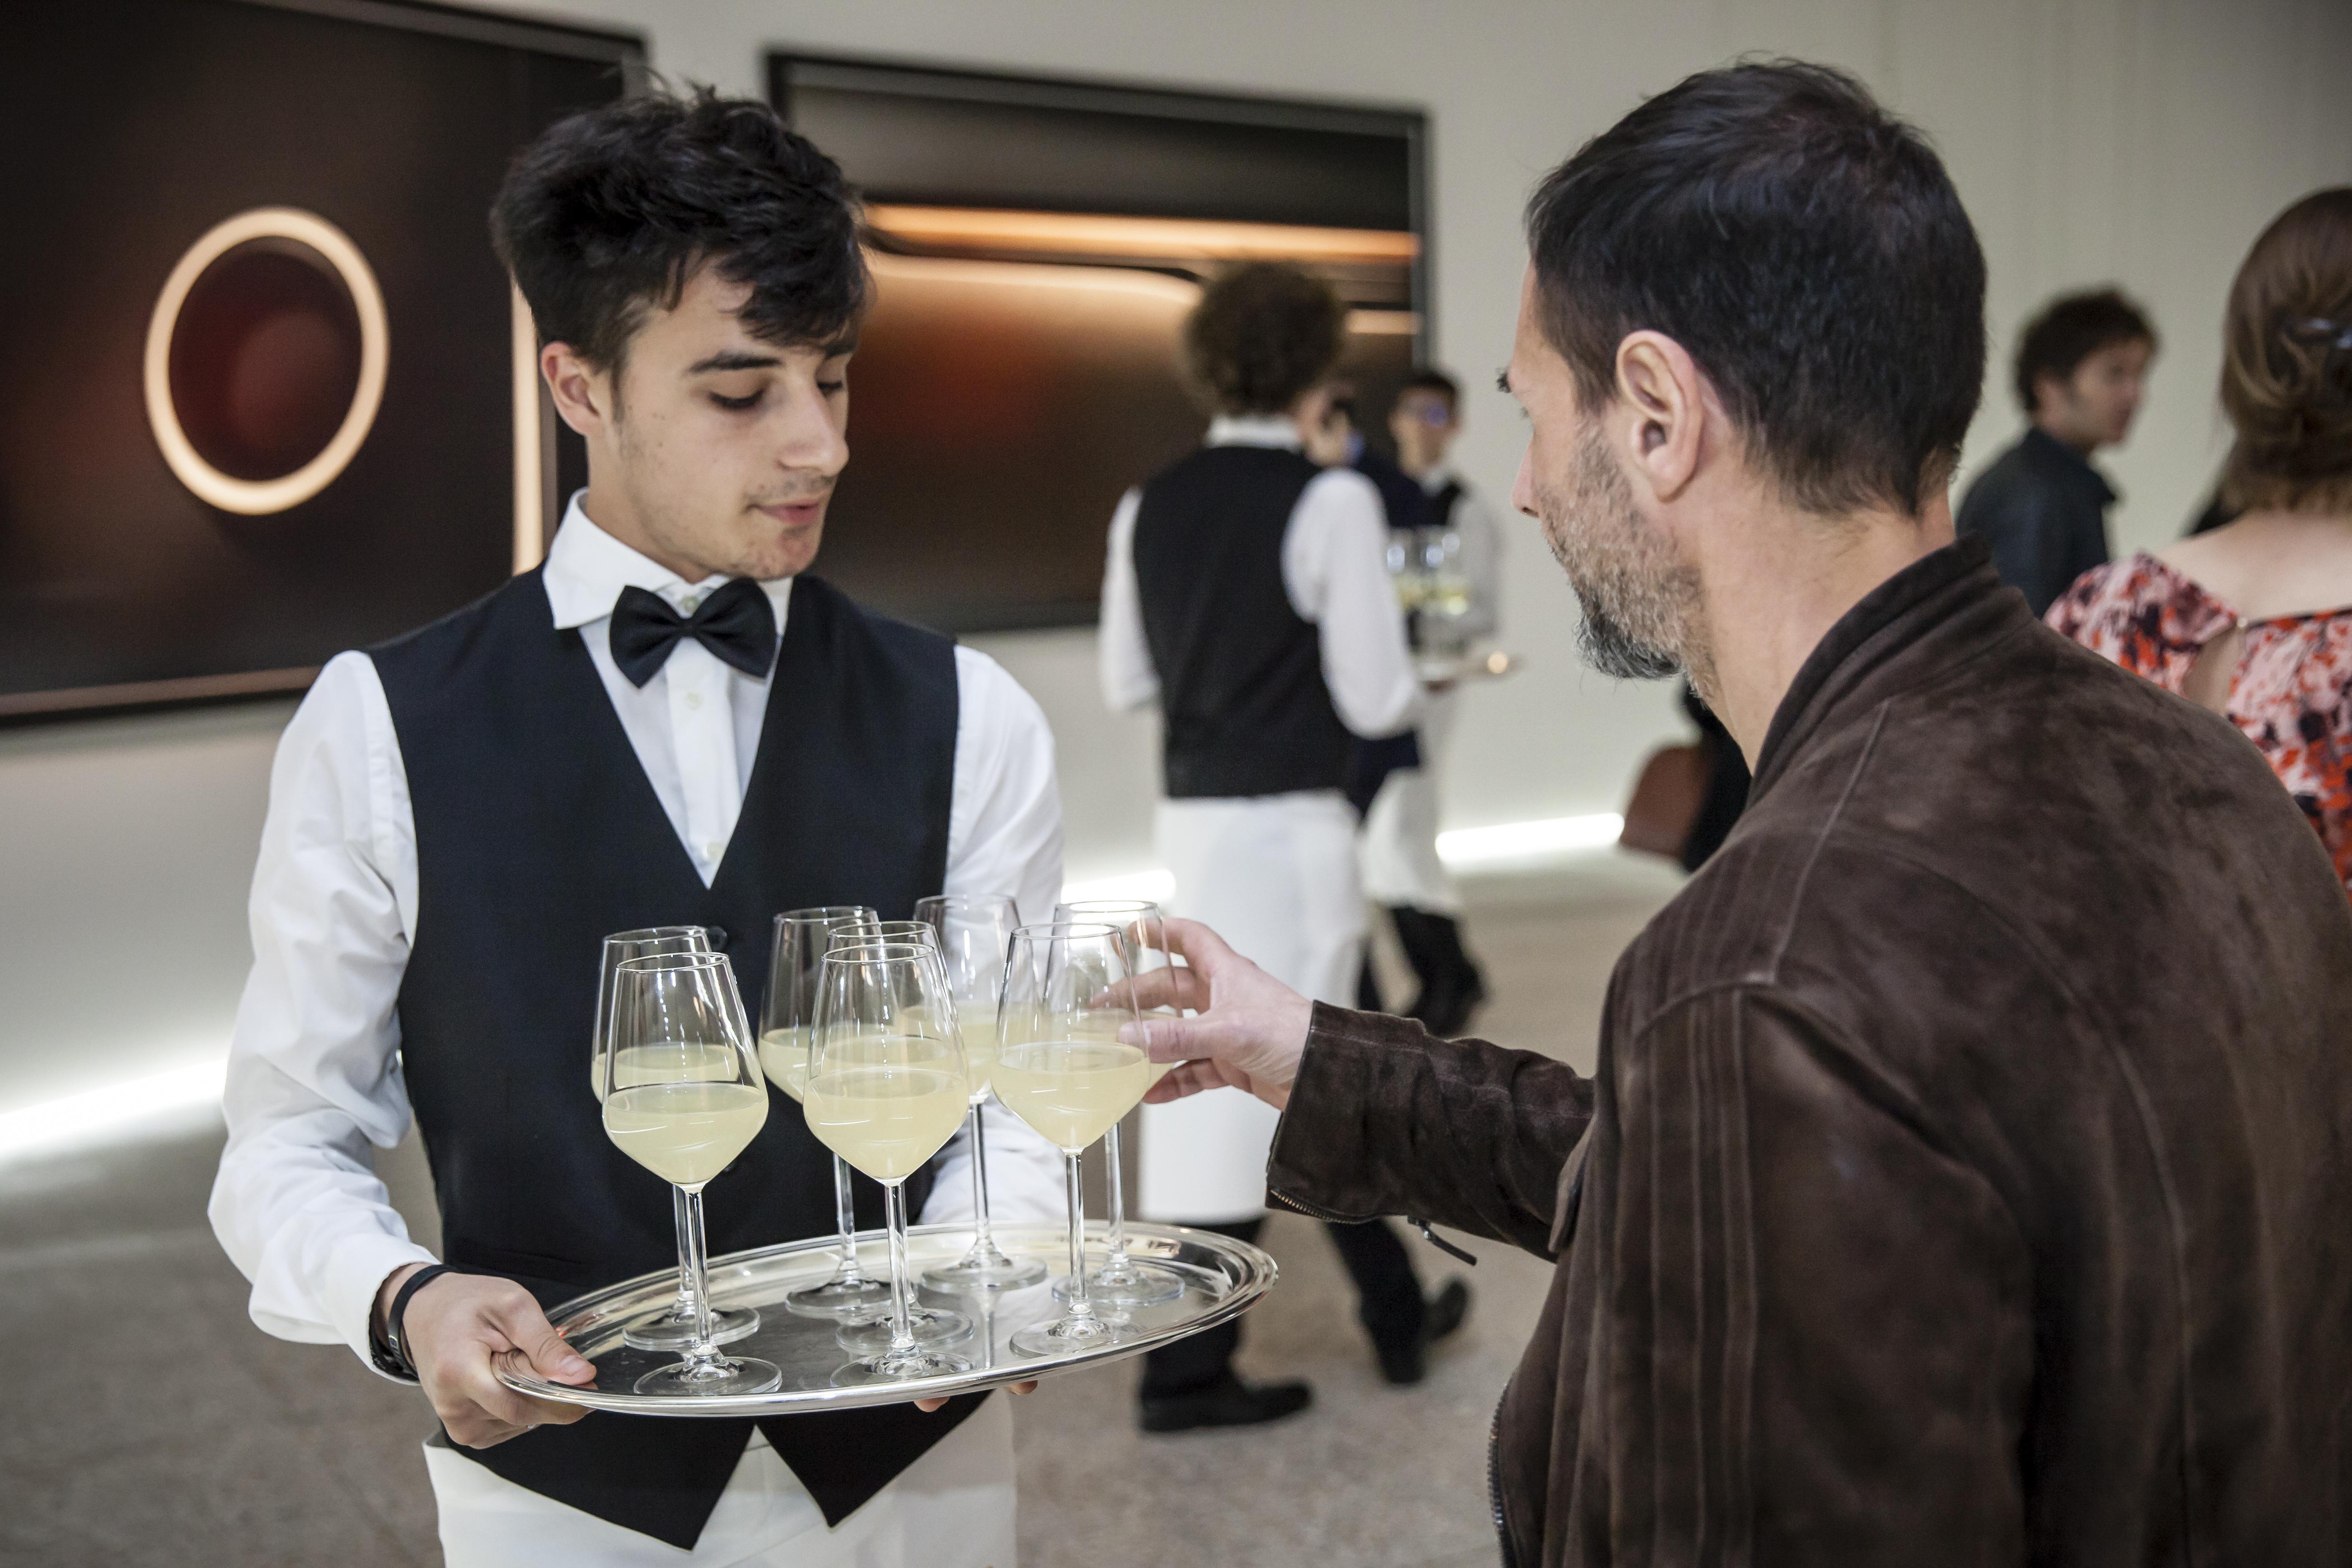 Cocktail time at Palazzo della Permanente